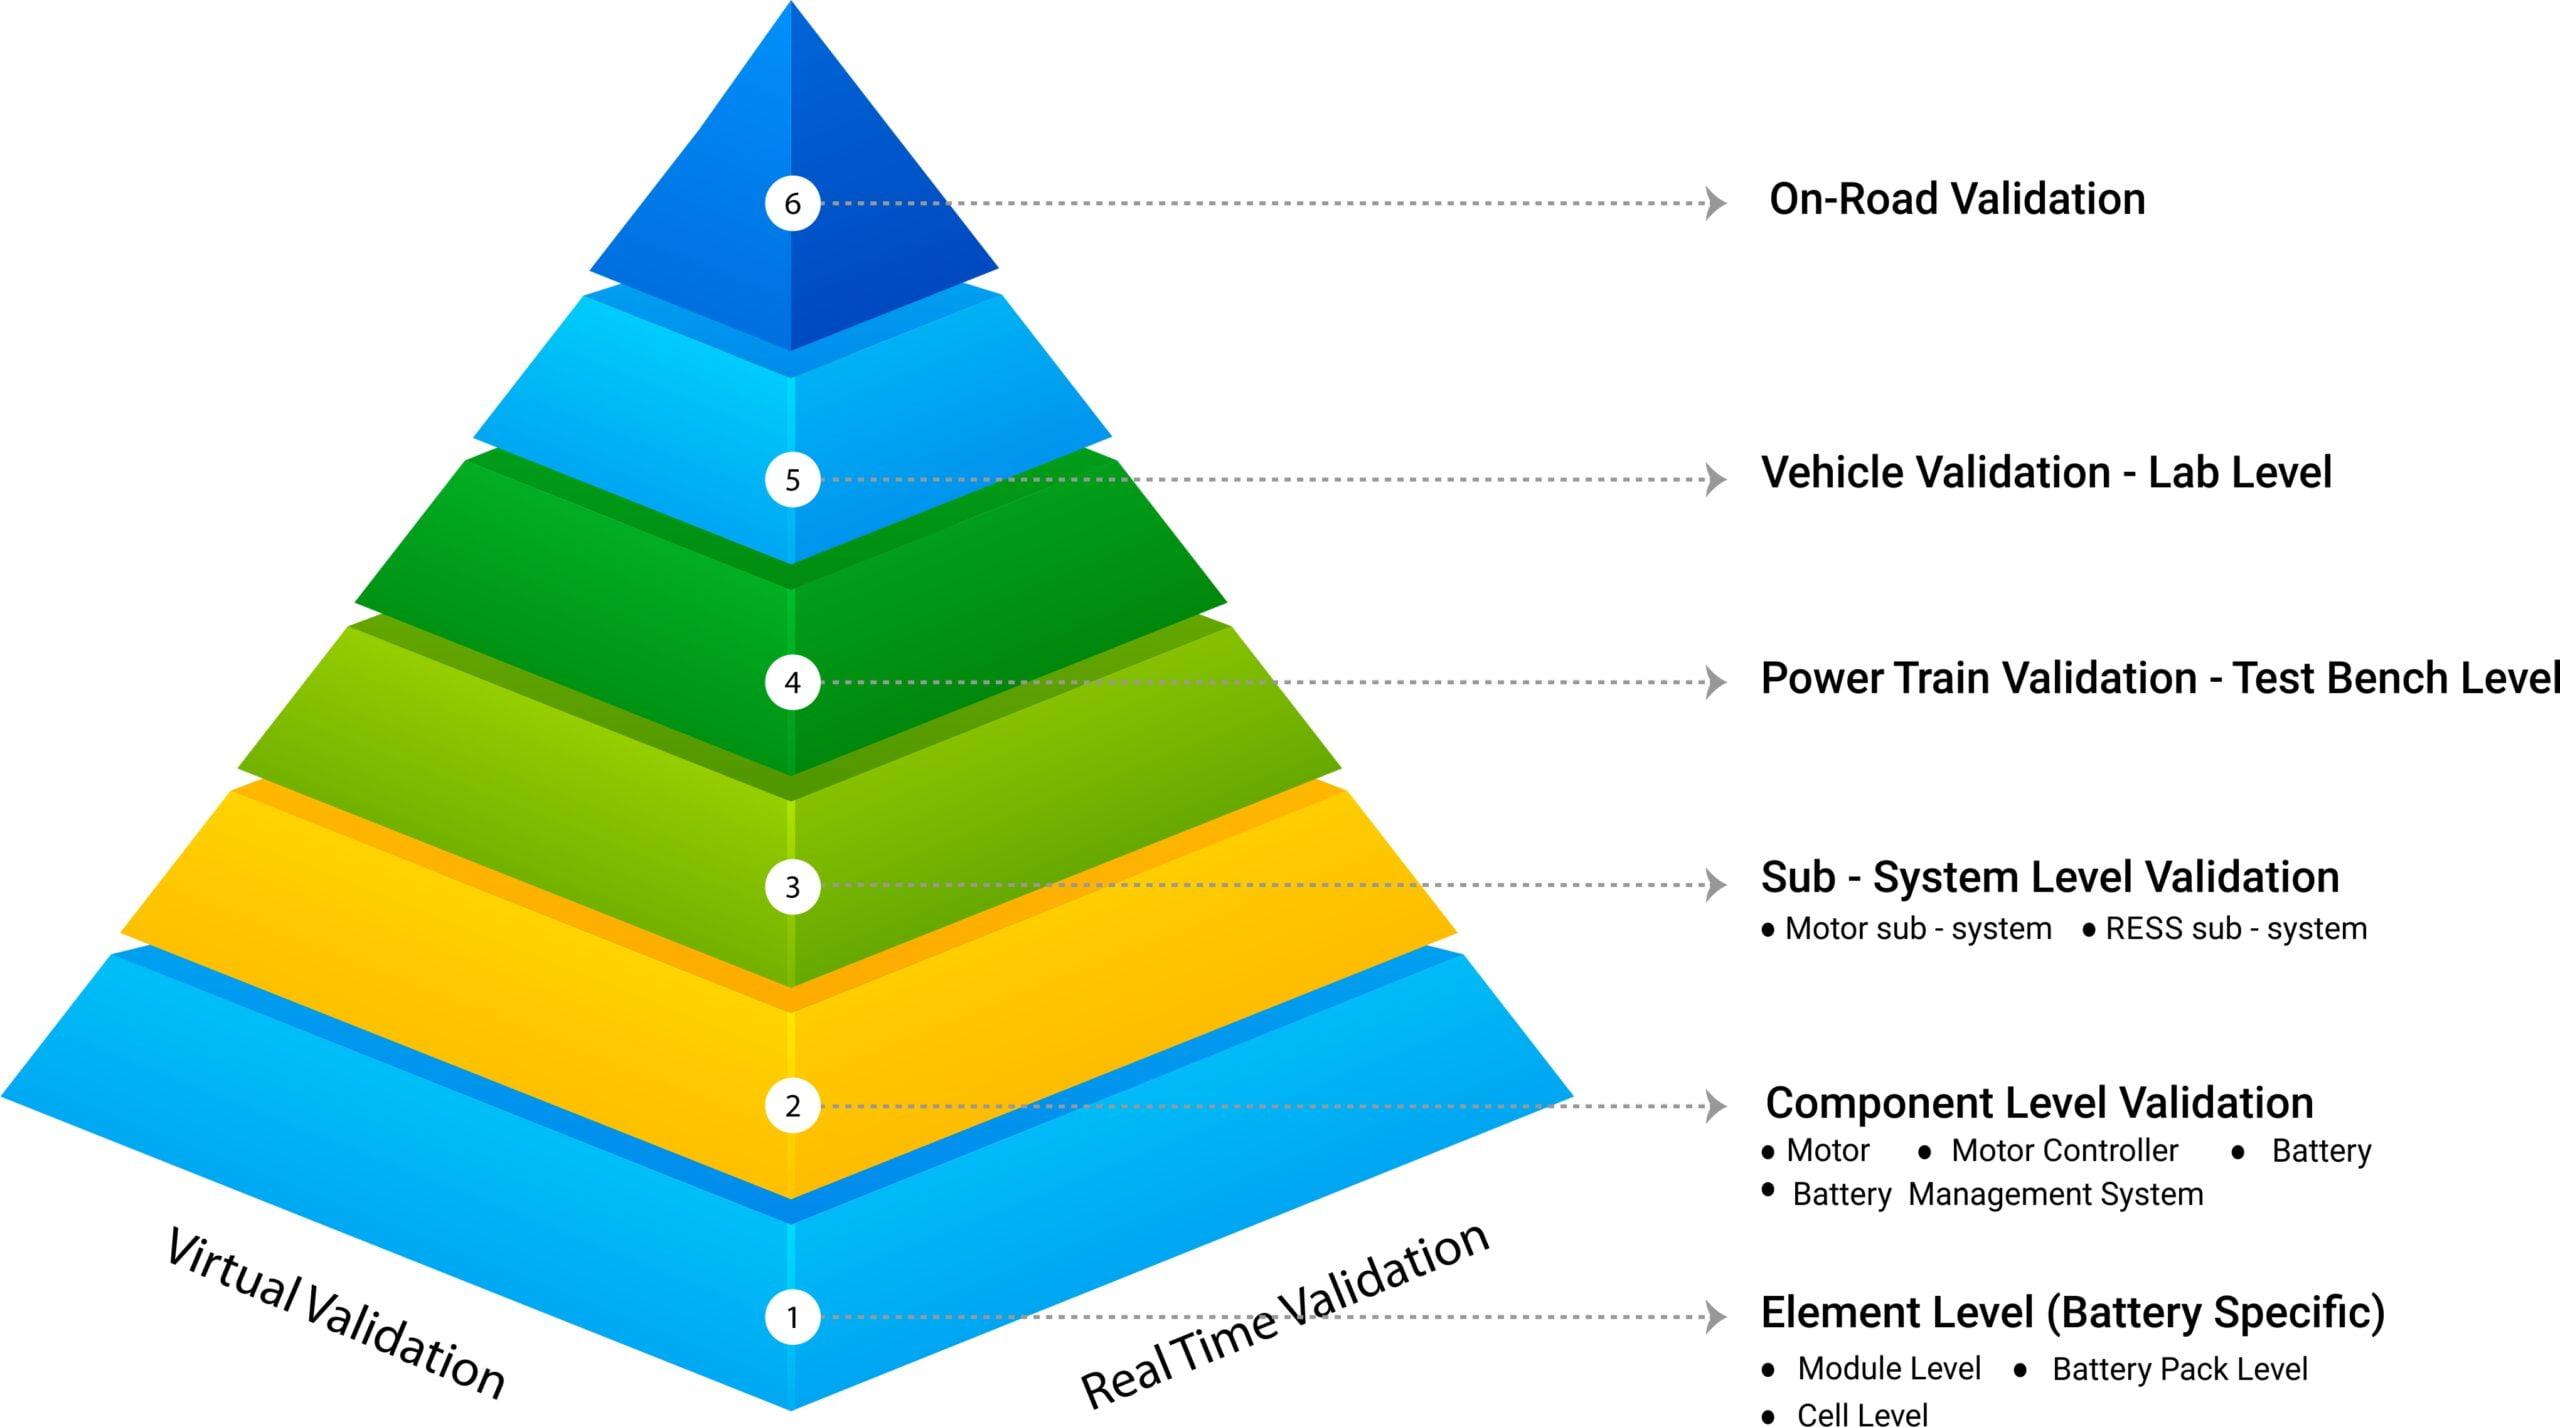 validation piramid